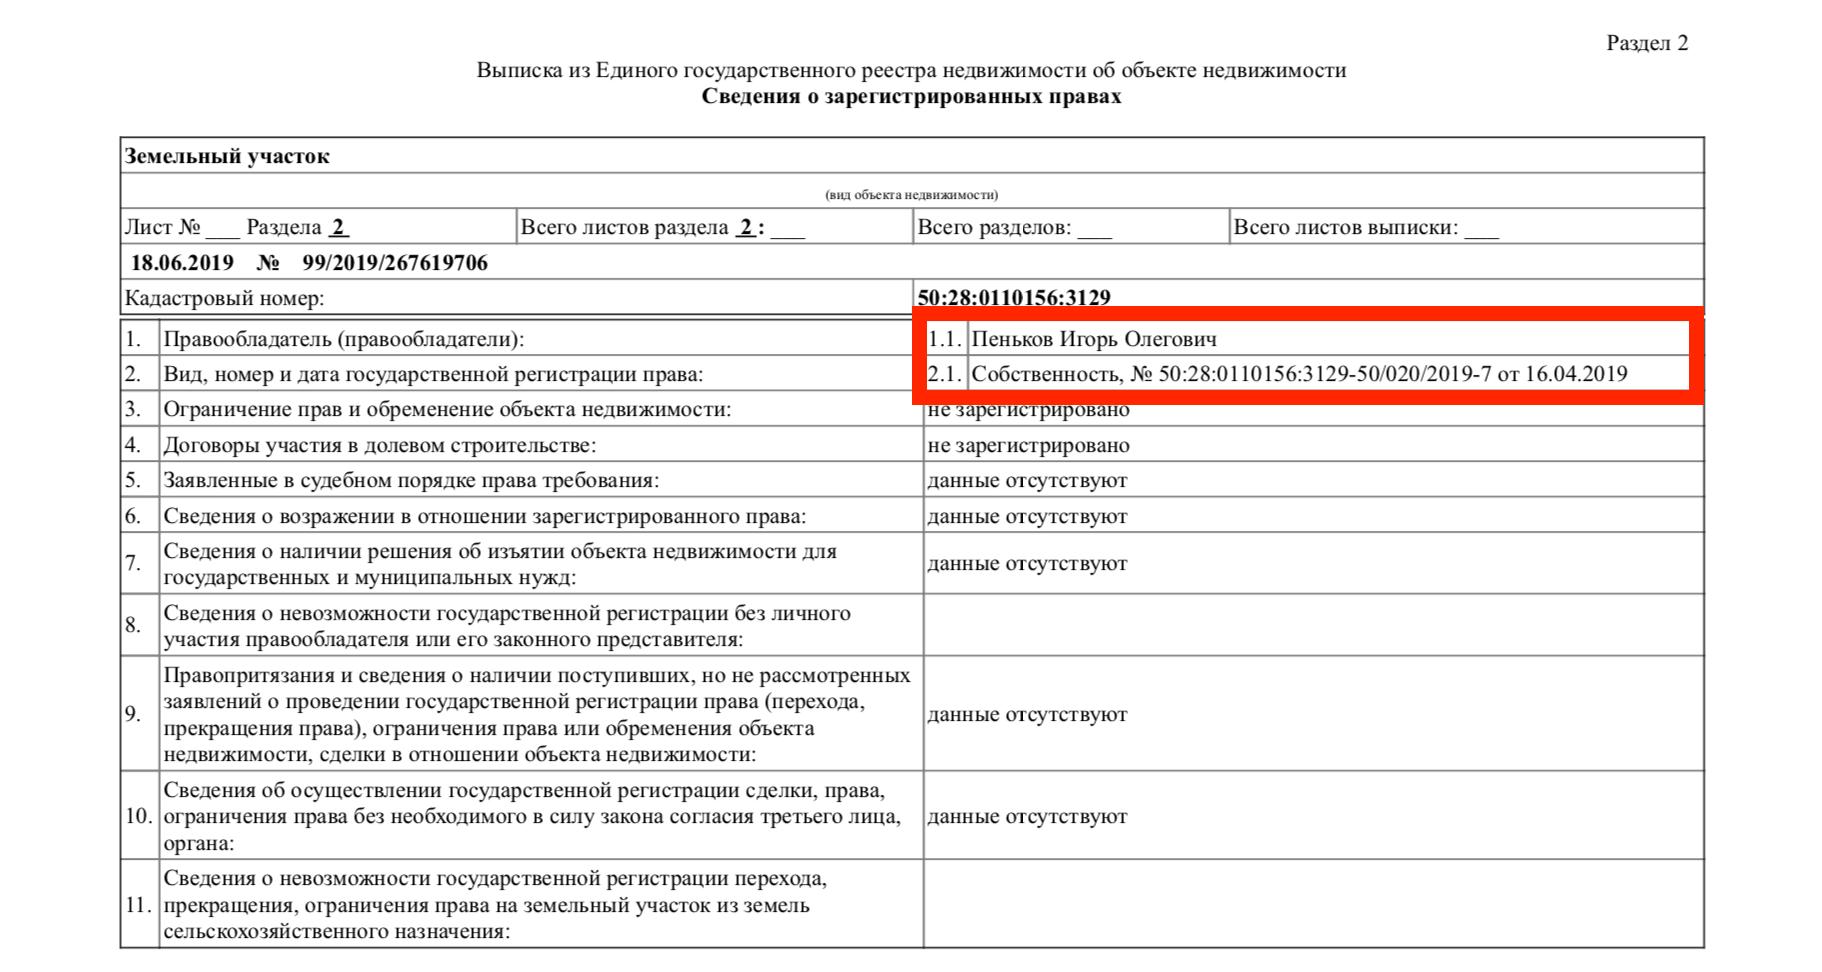 Как узнать кадастровый номер земельного участка по фамилии?